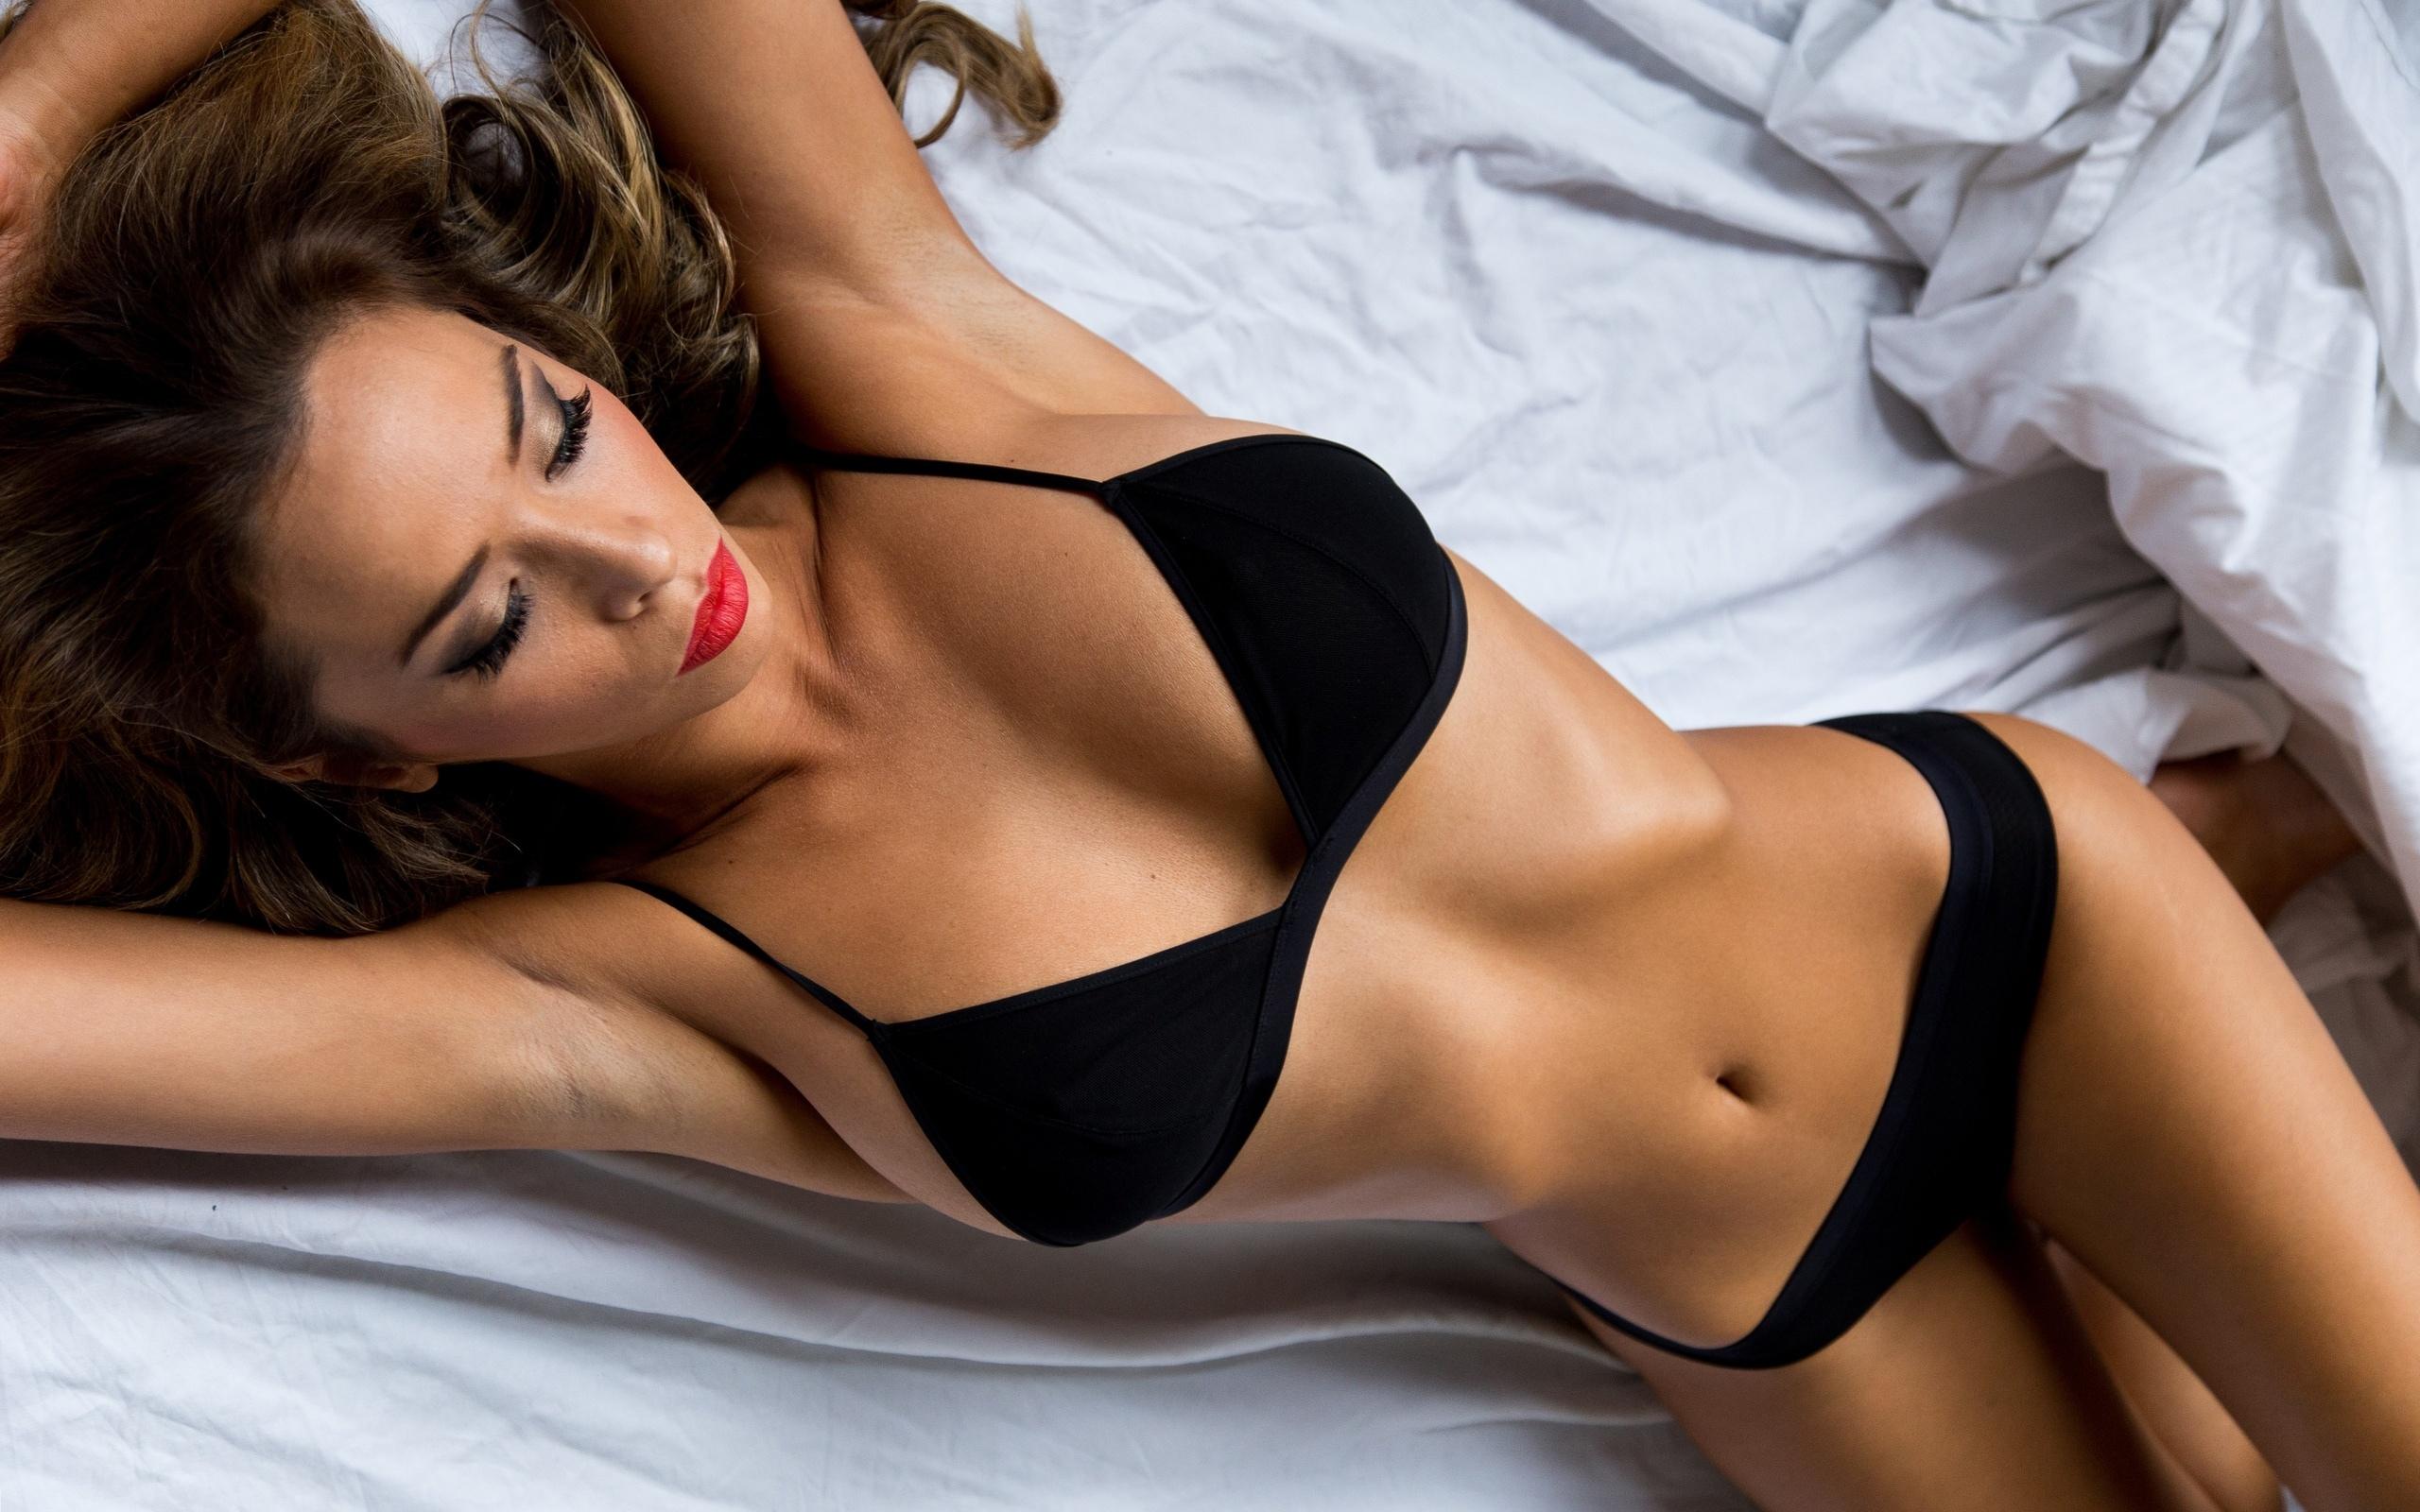 Онлайн видео девушки с самым красивым телом сперме фото